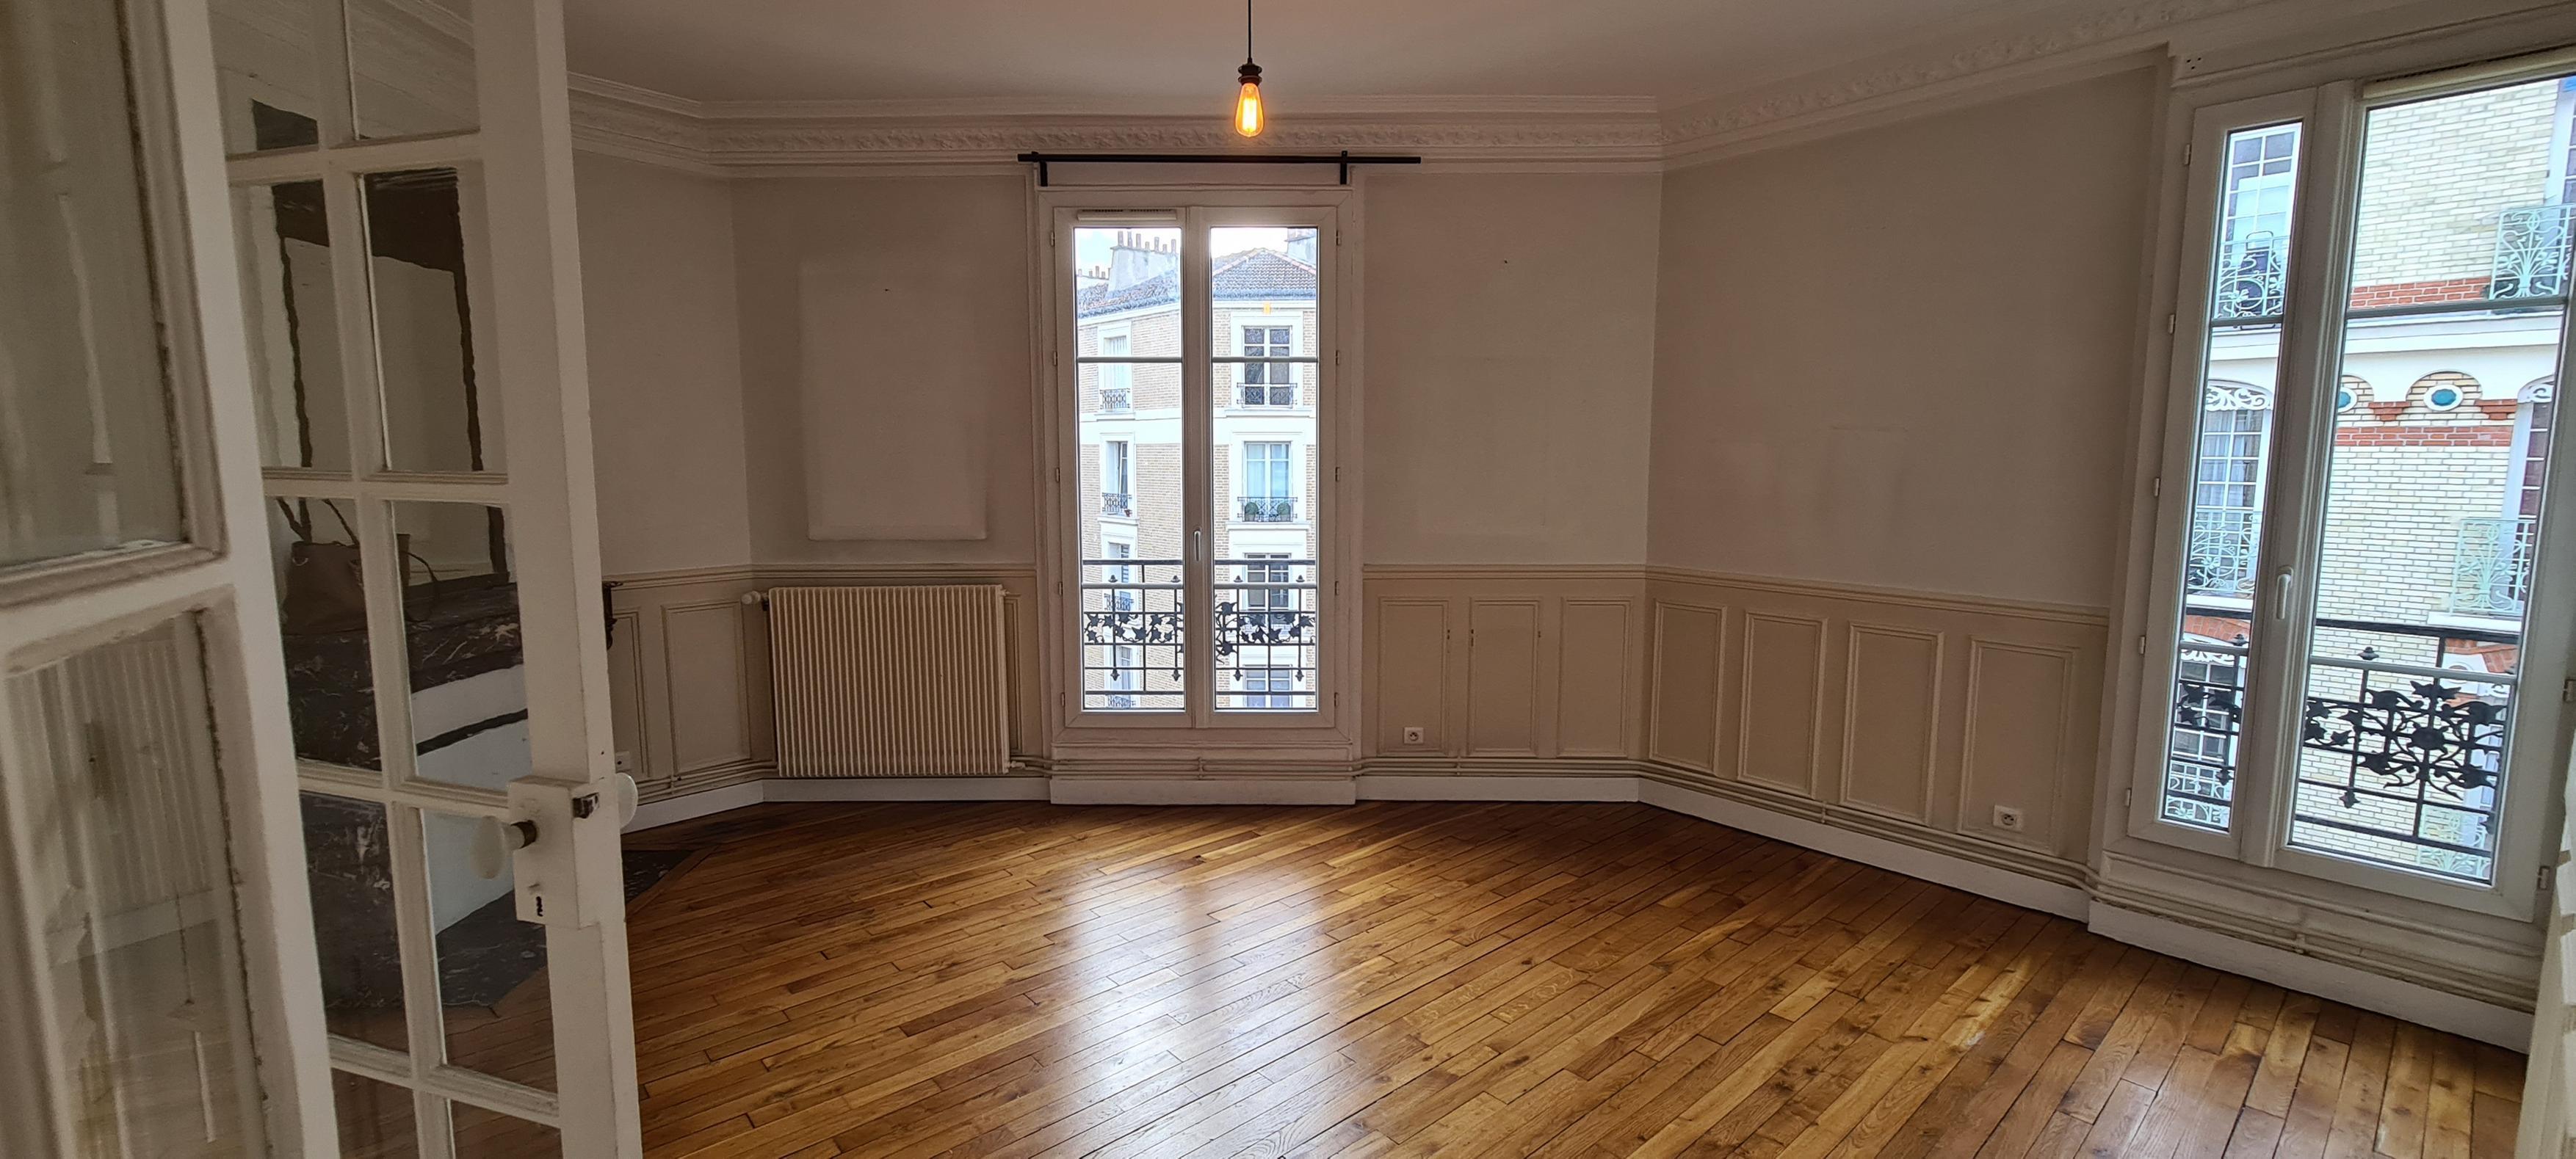 Appartement a louer colombes - 4 pièce(s) - 80 m2 - Surfyn